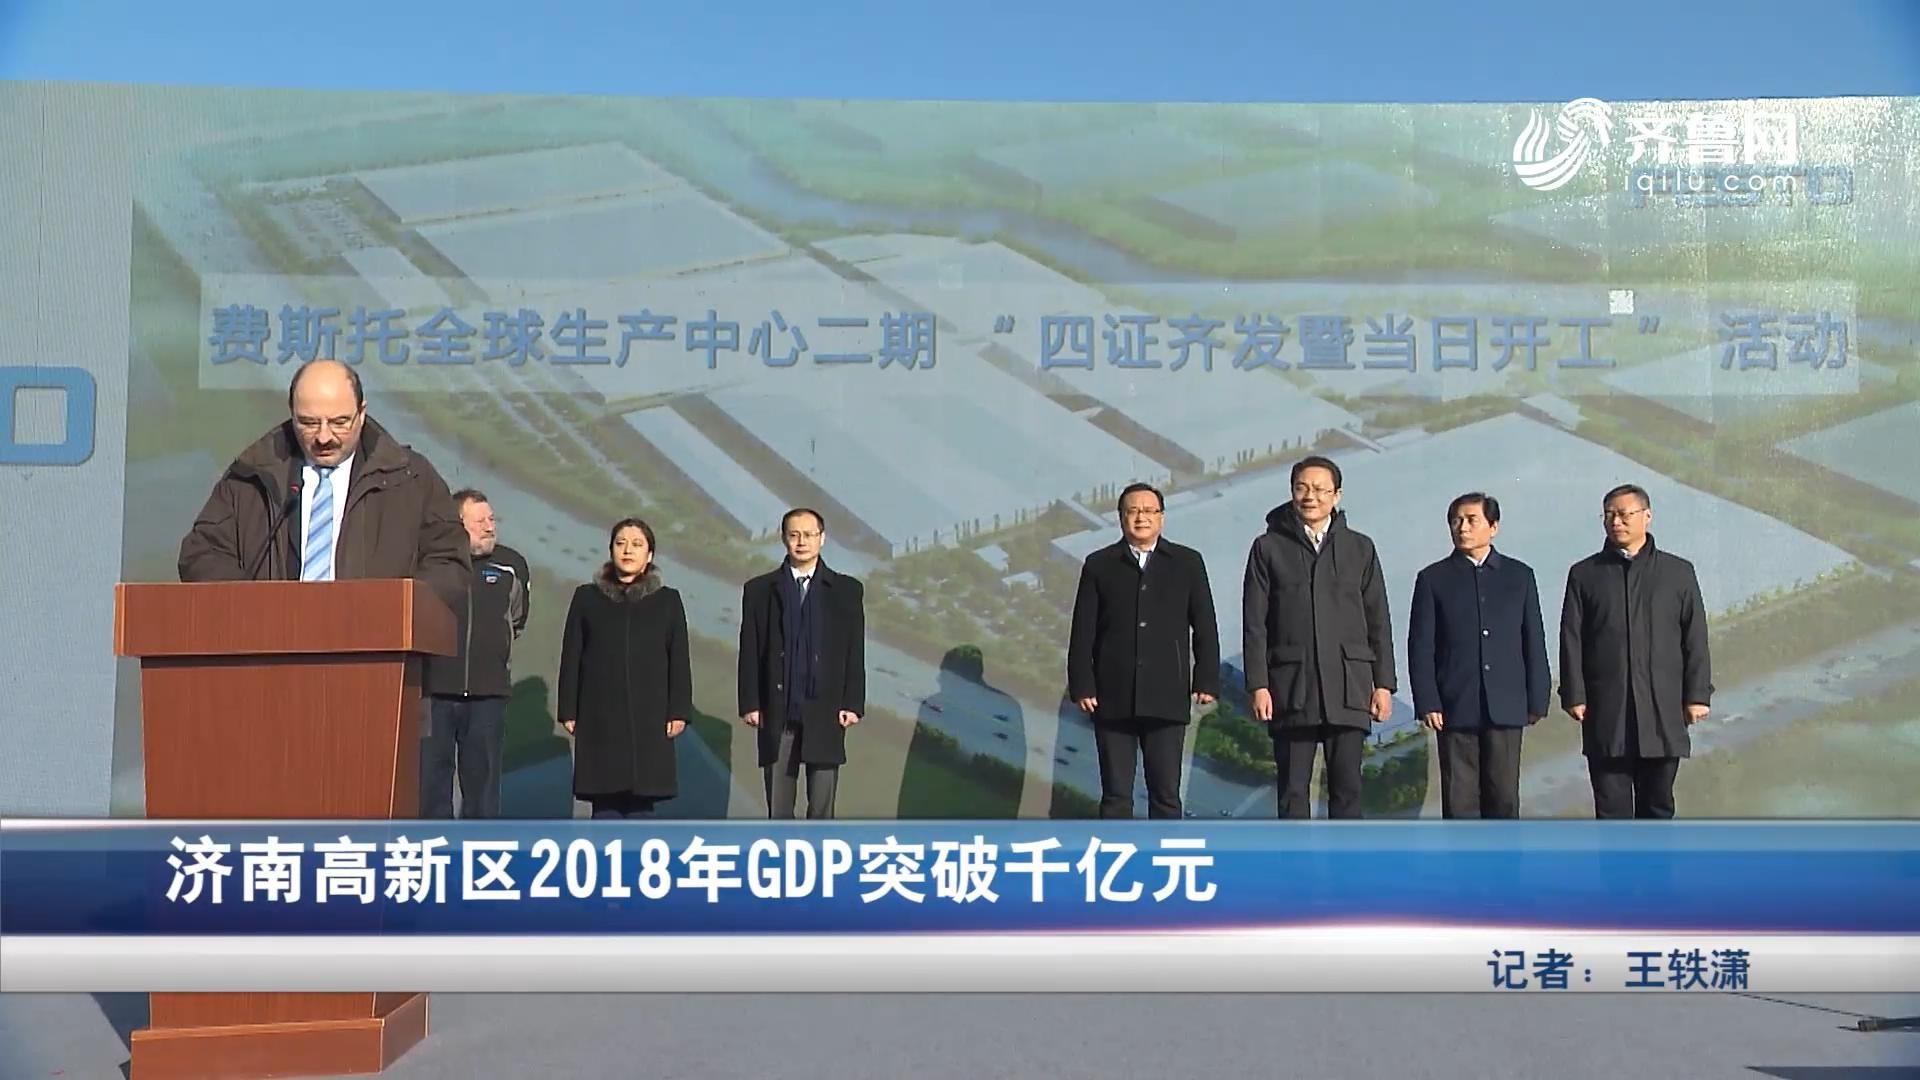 济南高新区2018年GDP突破千亿元